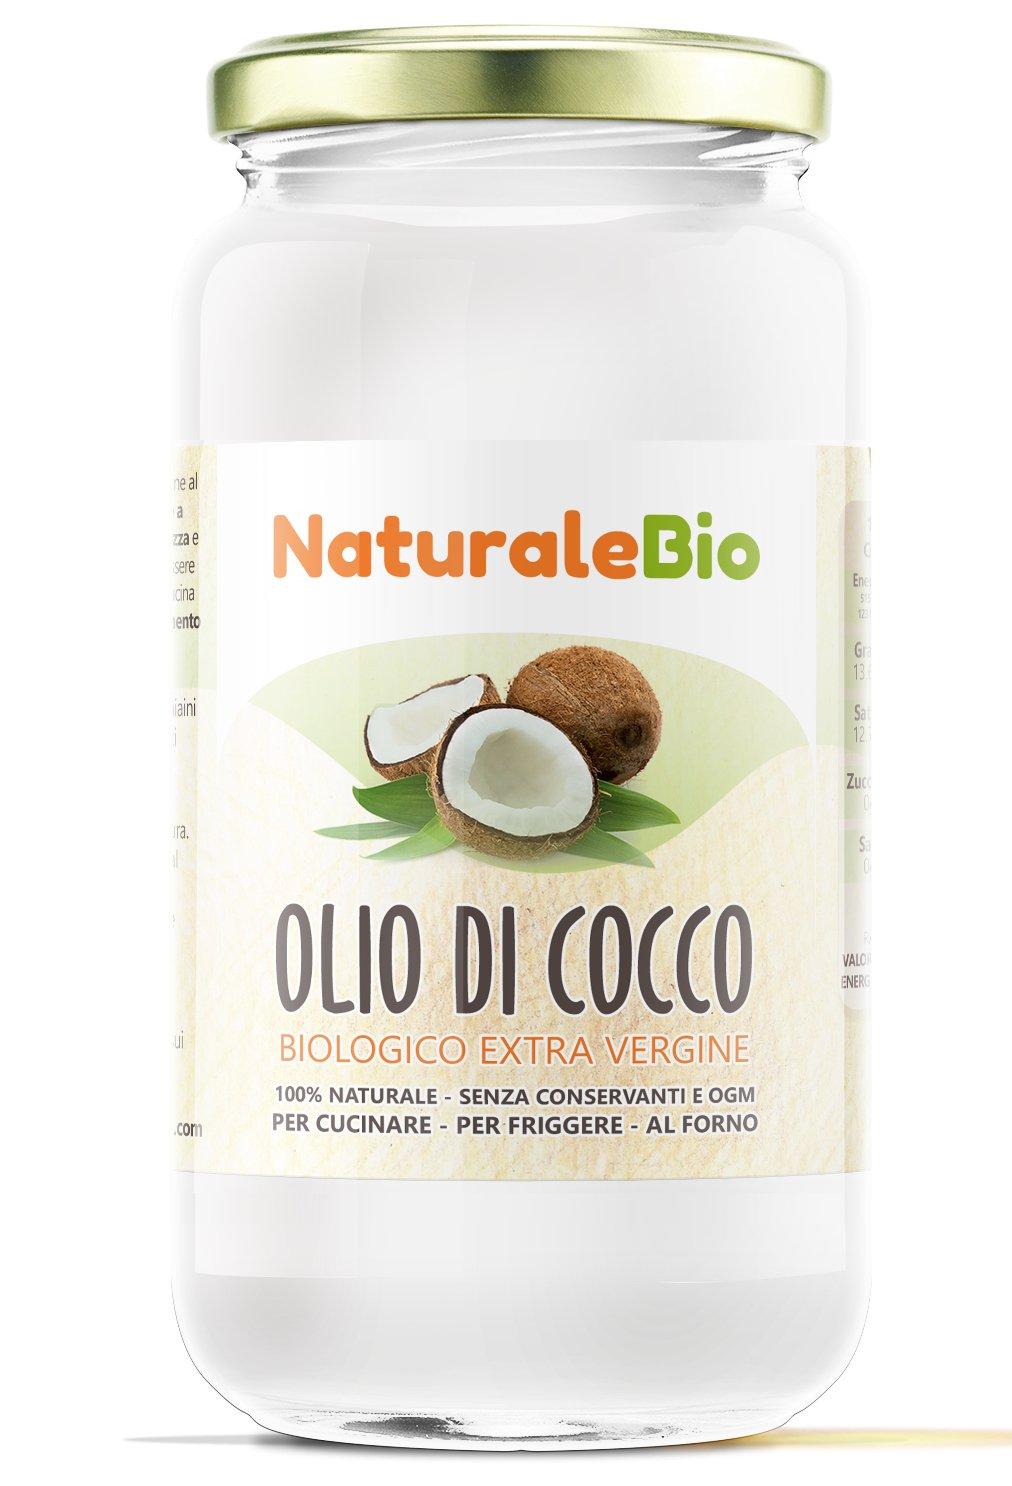 Olio di Cocco Biologico Extra Vergine 1000ml | Crudo e Spremuto a Freddo | Organico e Puro al 100% | Ideale per Capelli, per il Corpo e ad Uso Alimentare | Olio di Cocco Bio Nativo e non Raffinato 1L